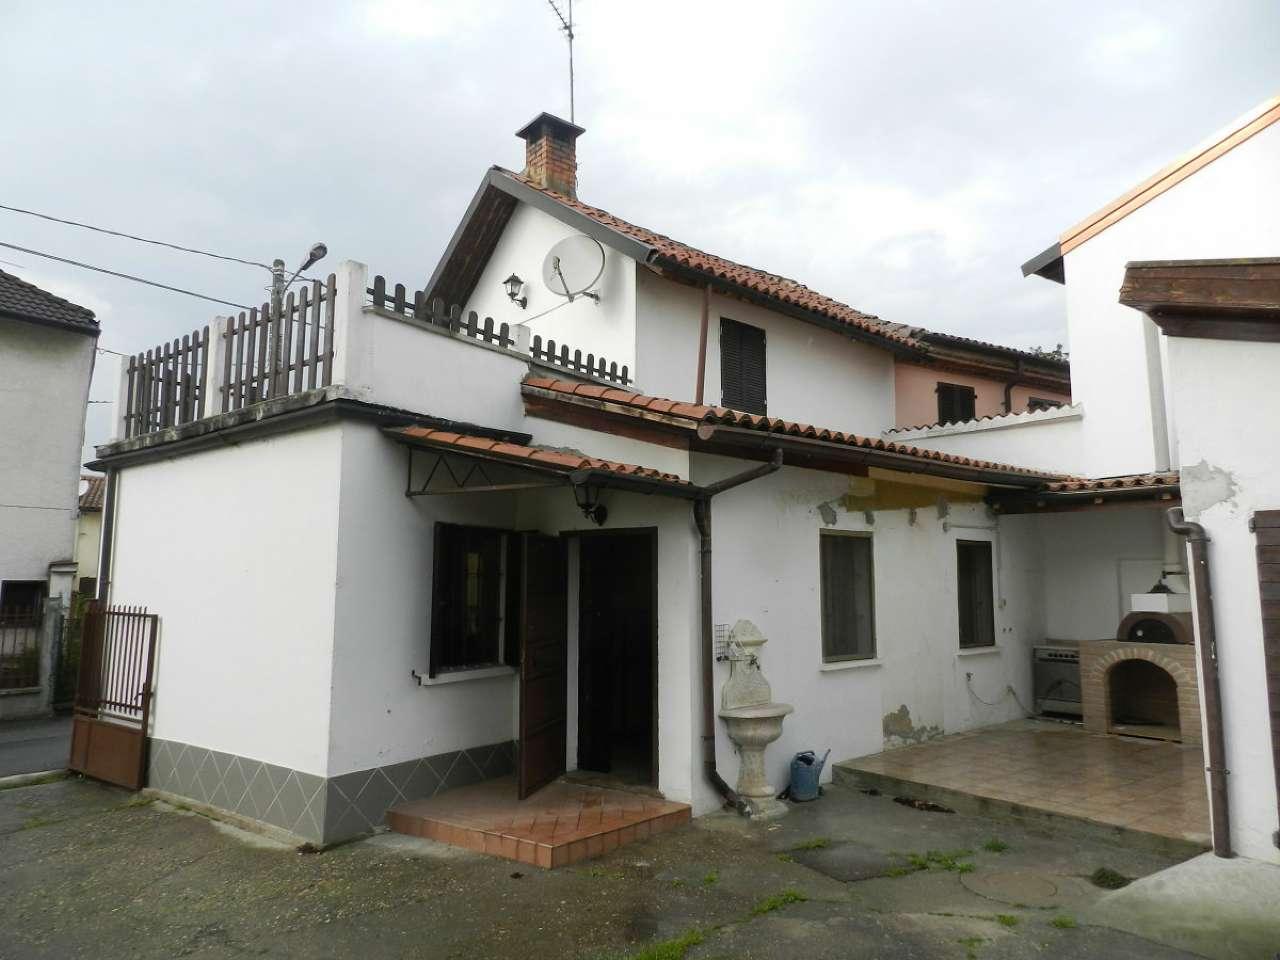 Soluzione Indipendente in vendita a Cava Manara, 3 locali, prezzo € 115.000 | Cambio Casa.it